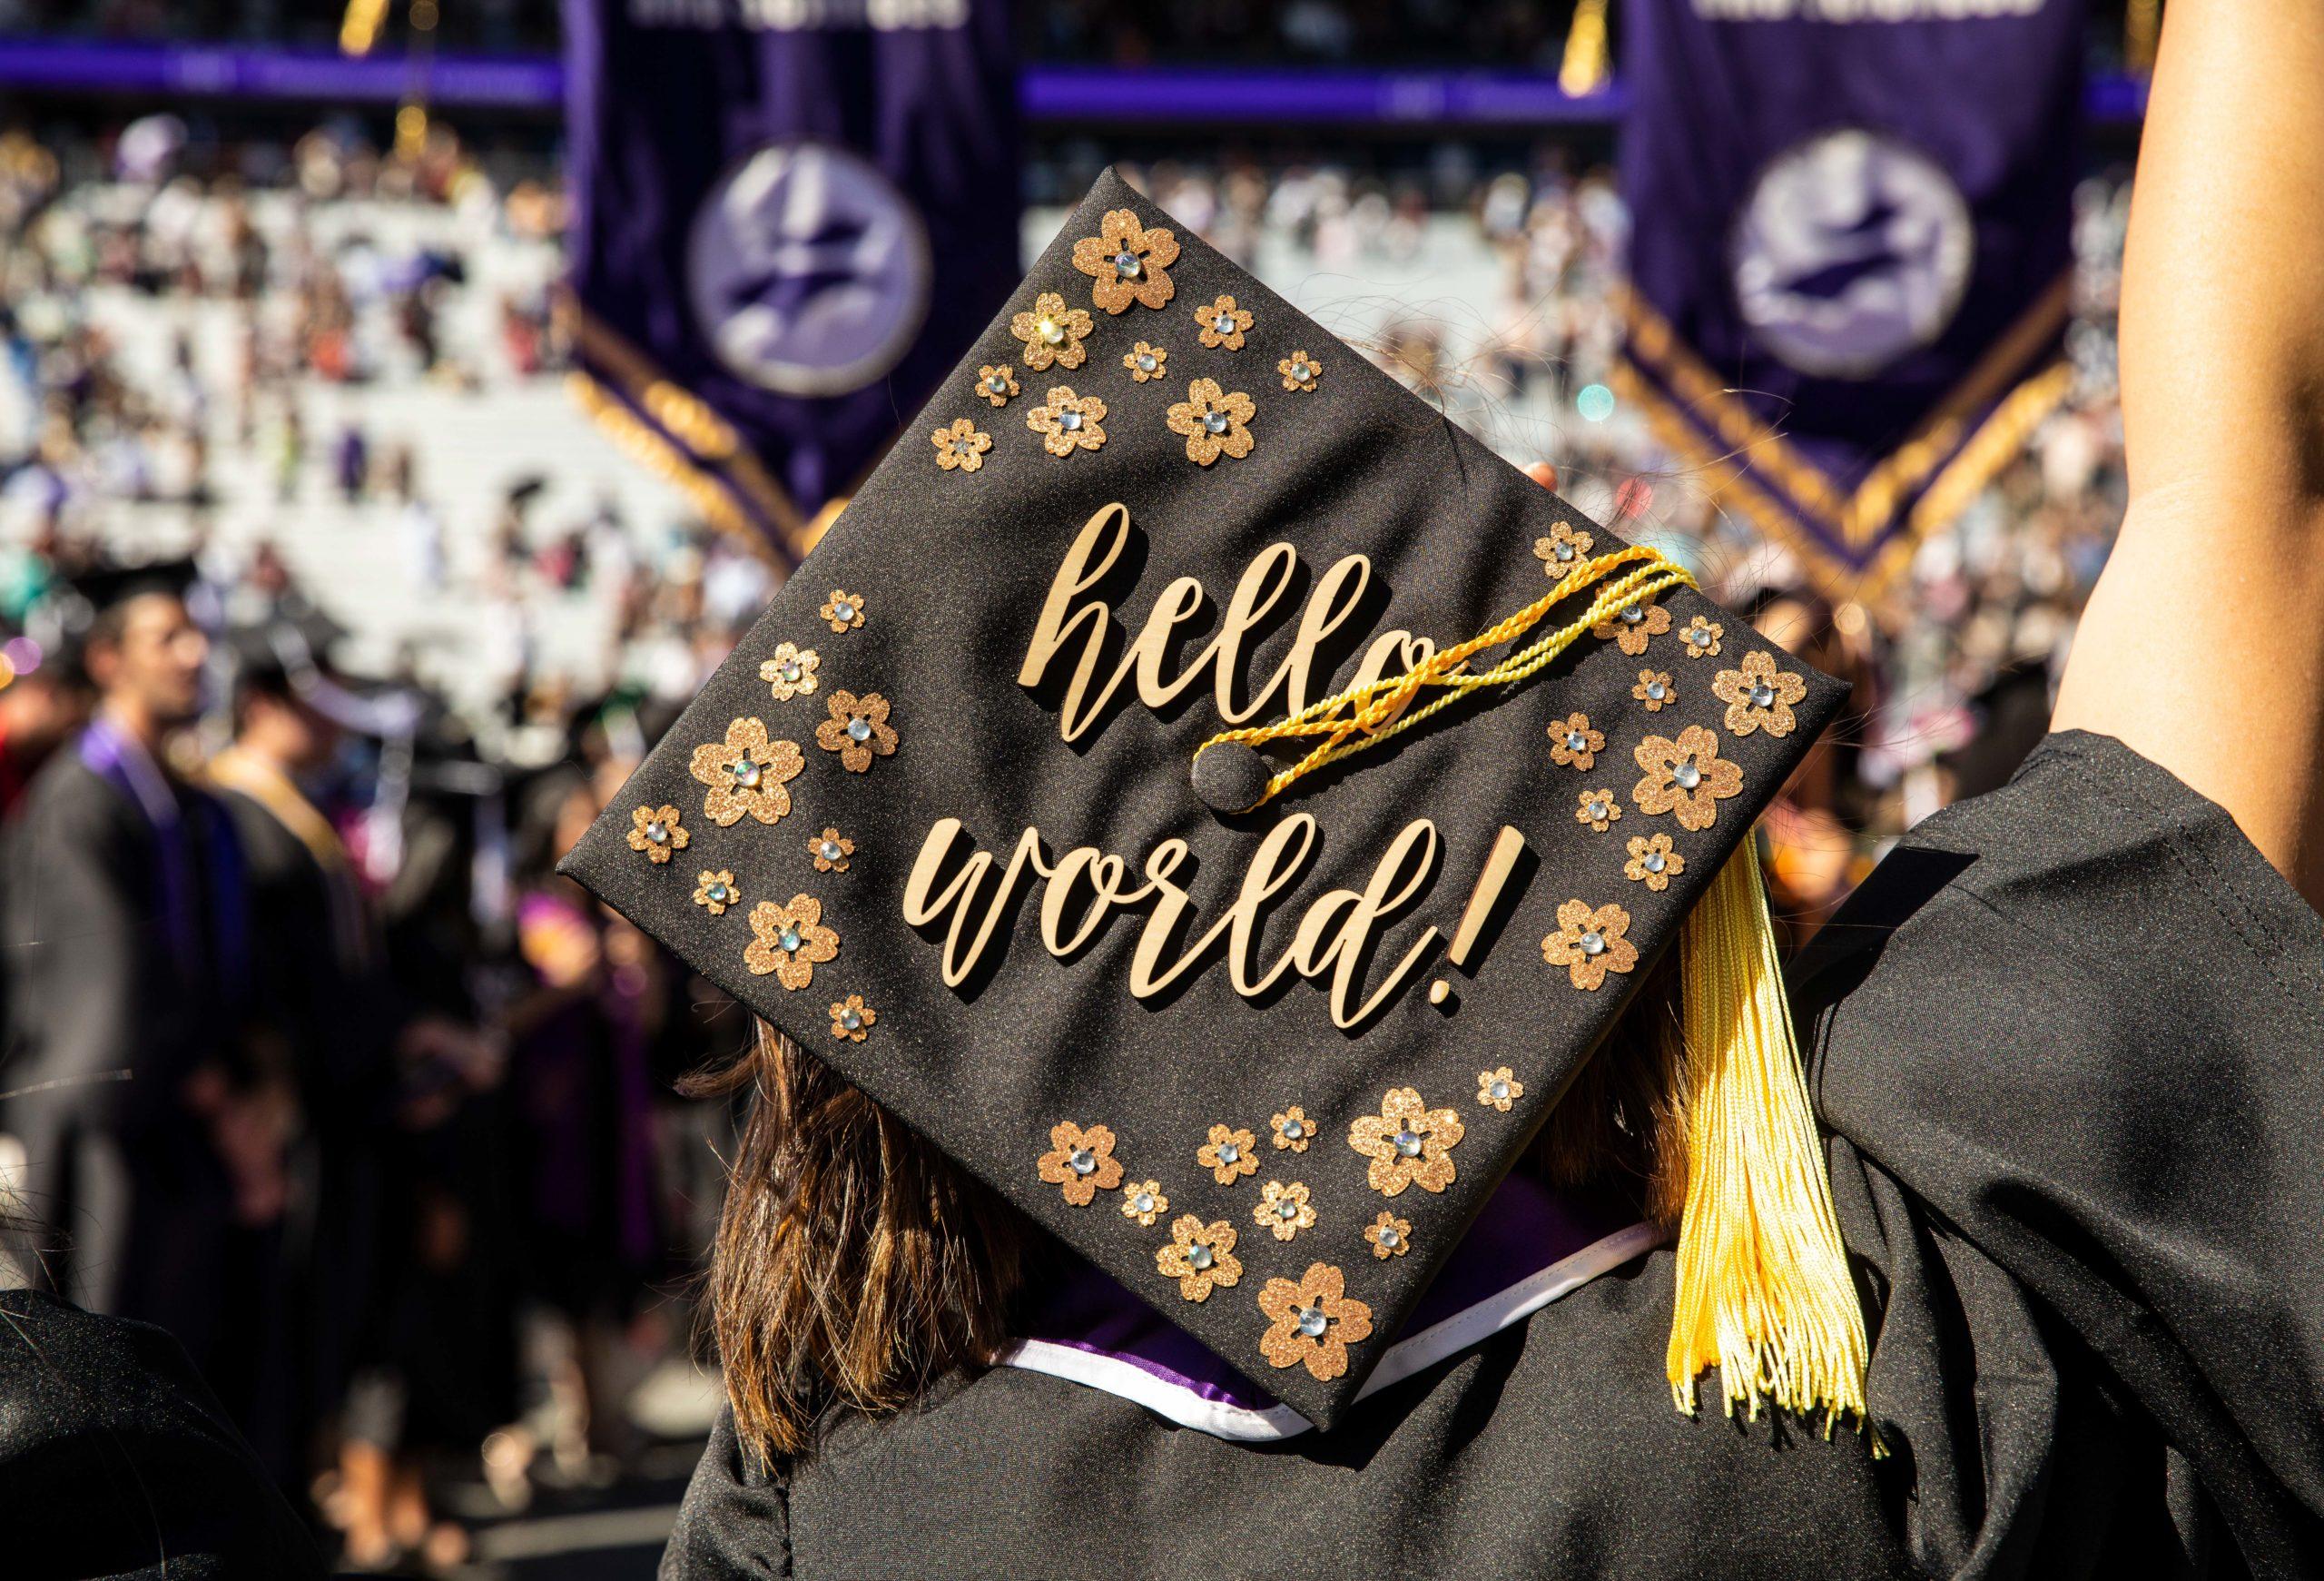 Hello World written on UW graduation cap